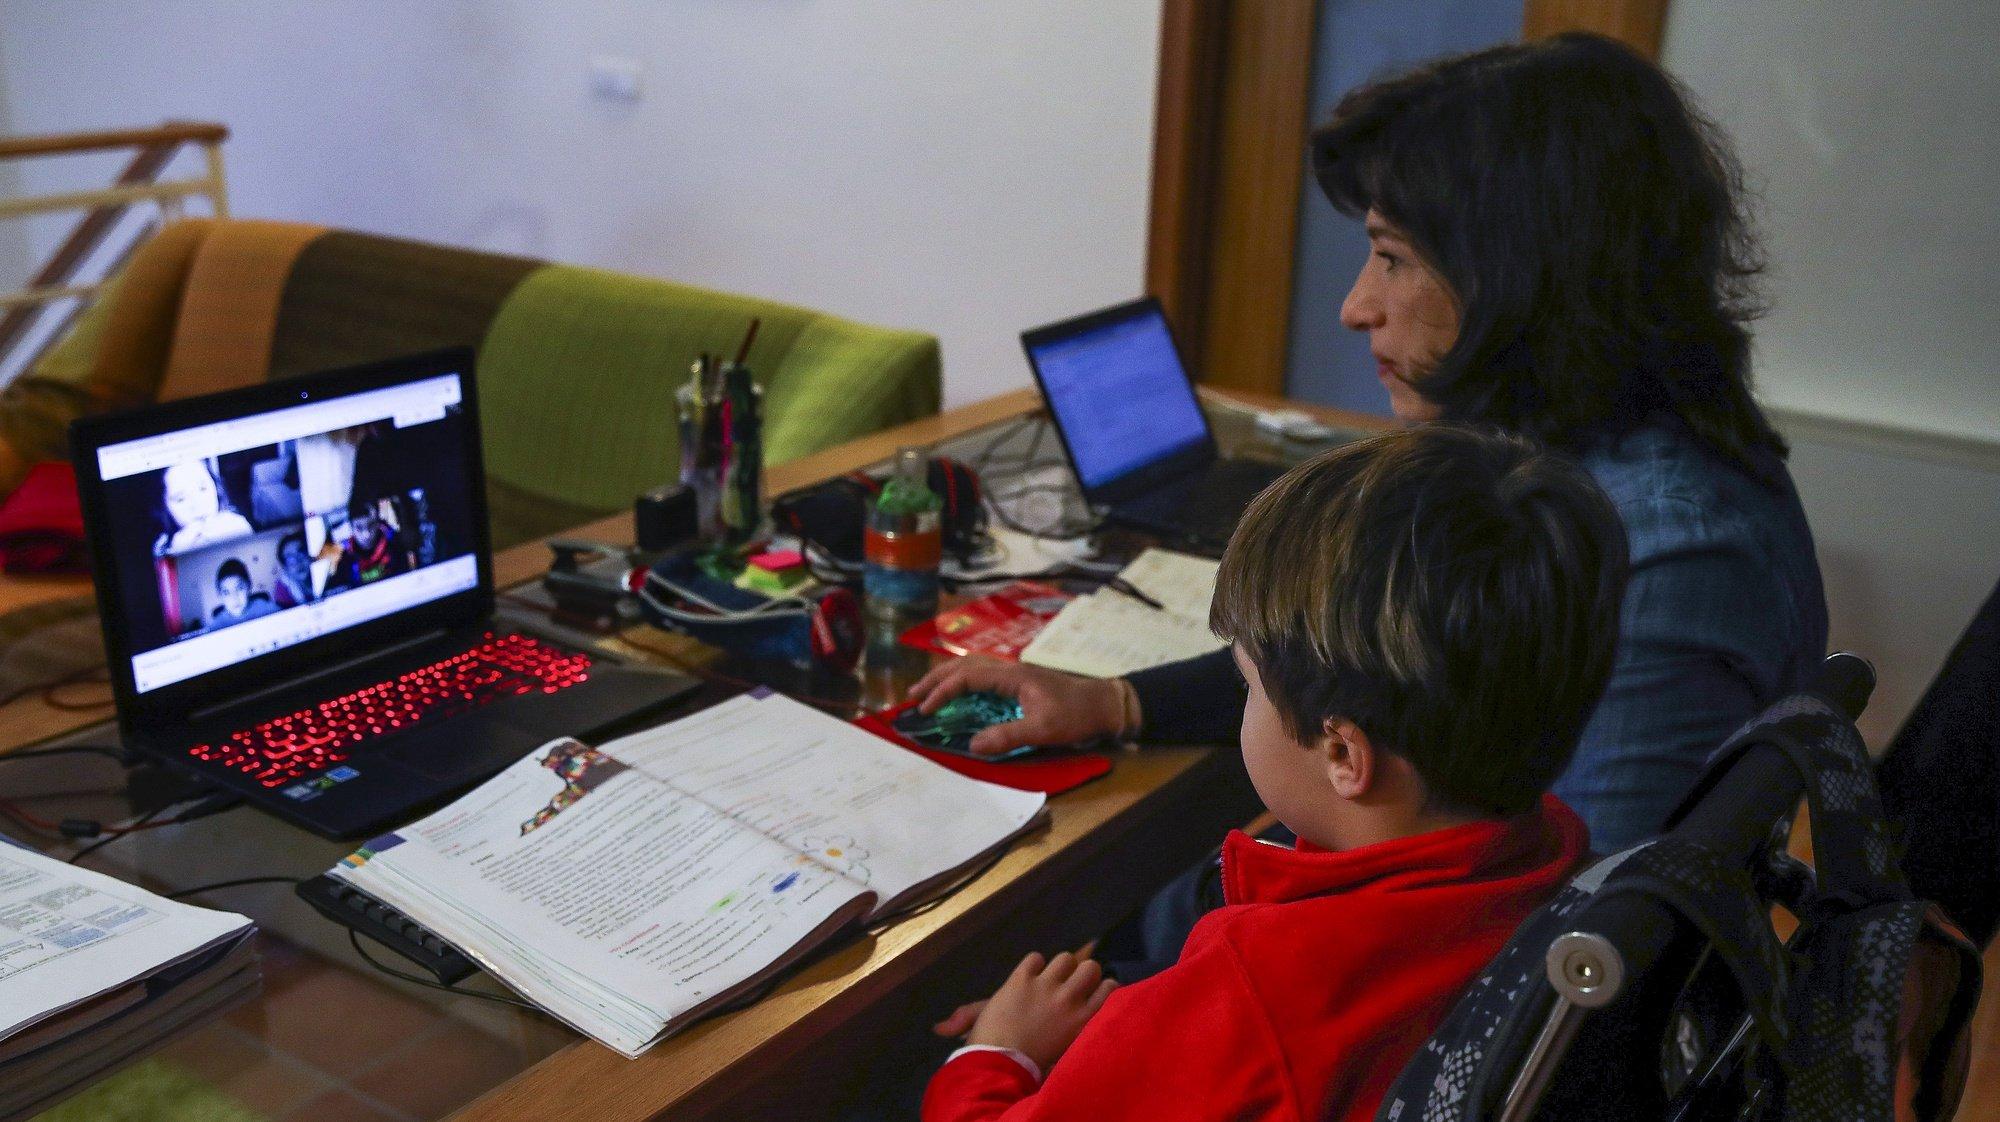 Francisco Gouveia, tem dificuldade em assistir às aulas devido às constantes quebras na transmissão da imagem e do som, e a mãe Margarida Dias tem dificuldades no teletrabalho, em Vila Nova, uma das localidades onde, apesar da transição digital, ainda há locais sem acesso a internet de qualidade, Miranda do Corvo, 19 de fevereiro de 2021. (ACOMPANHA TEXTO DA LUSA DO DIA 05 DE MARÇO DE 2021). PAULO NOVAIS/LUSA